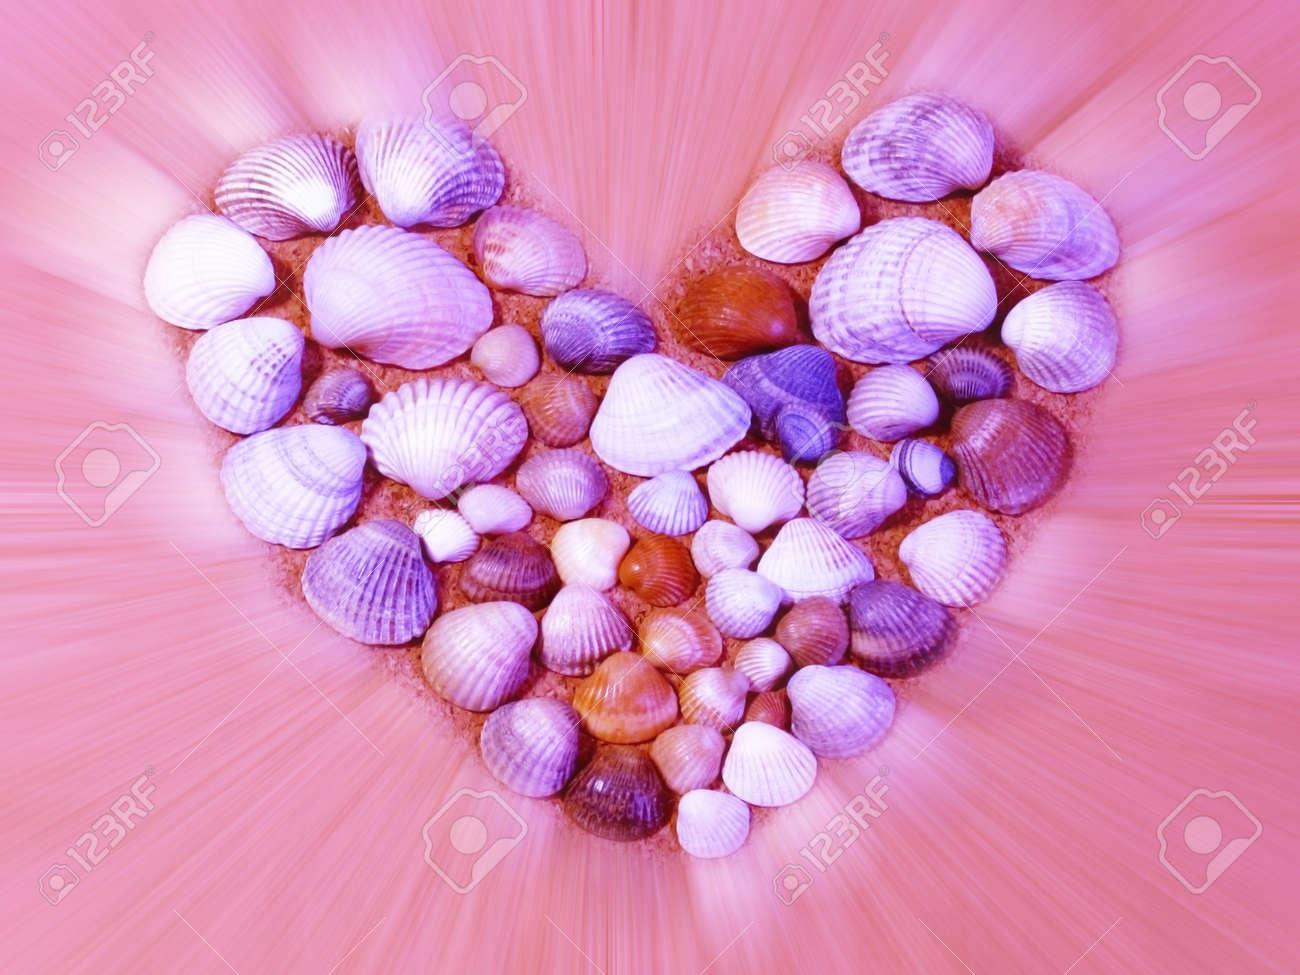 shining heart made of seashells Stock Photo - 6367607